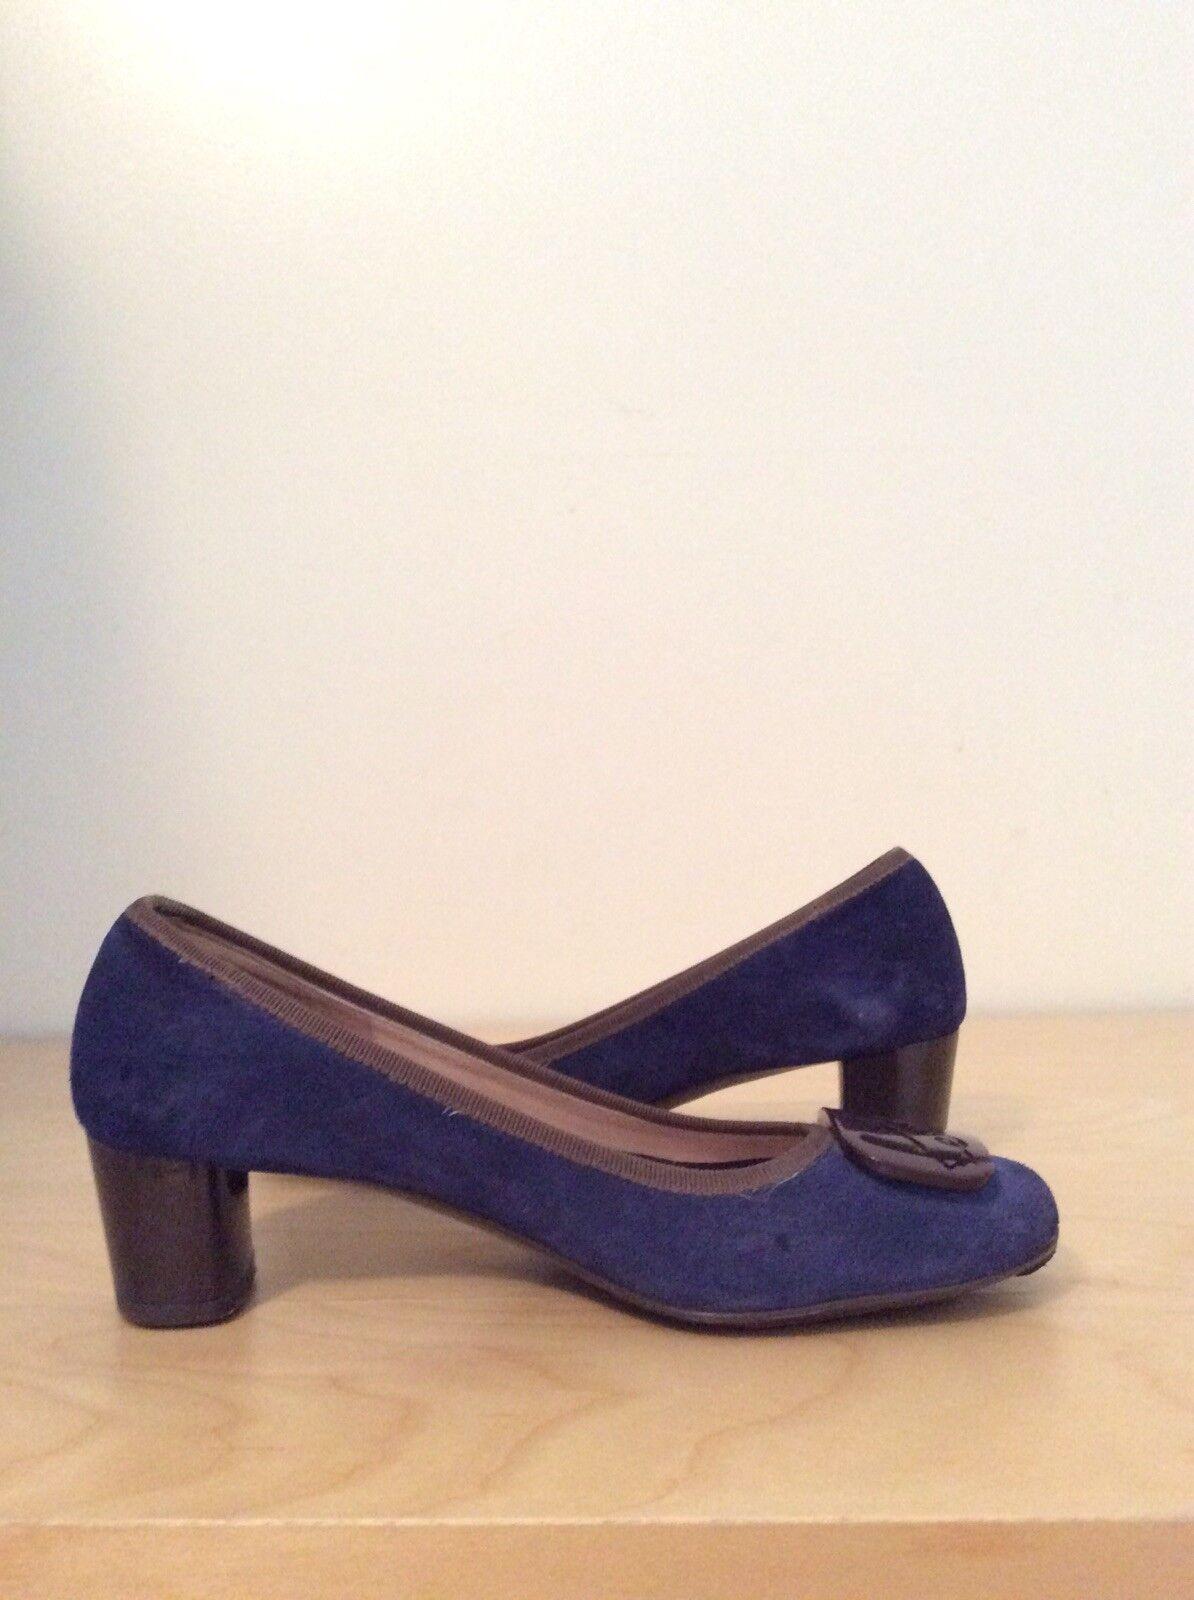 Belle scarpe Ferragamo  dimensioni 6.5  distribuzione globale